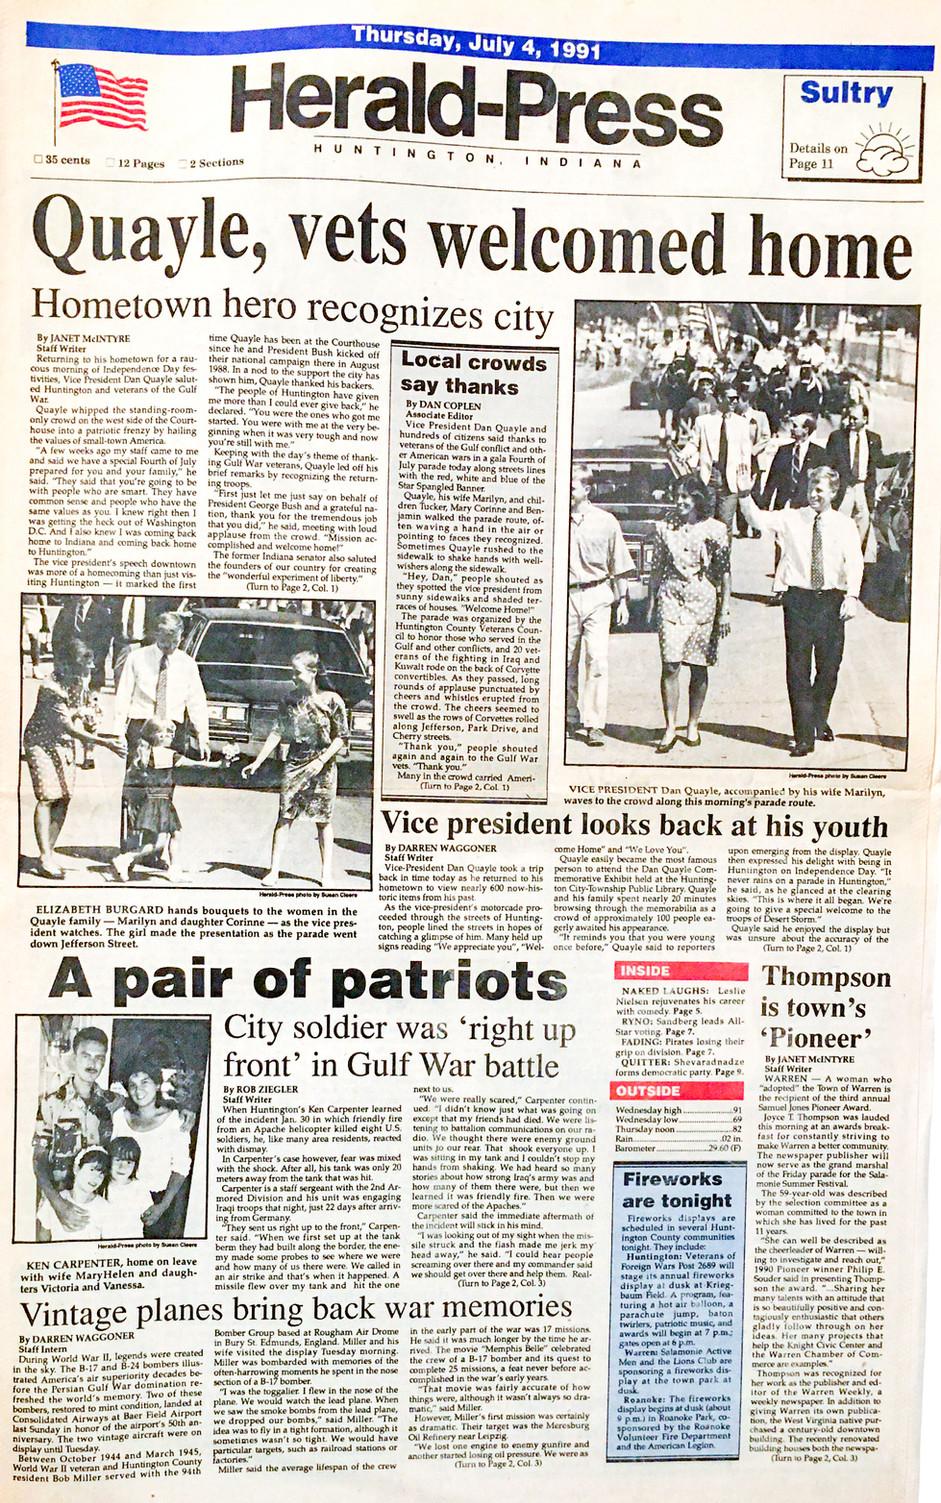 Quayle 1991 visit